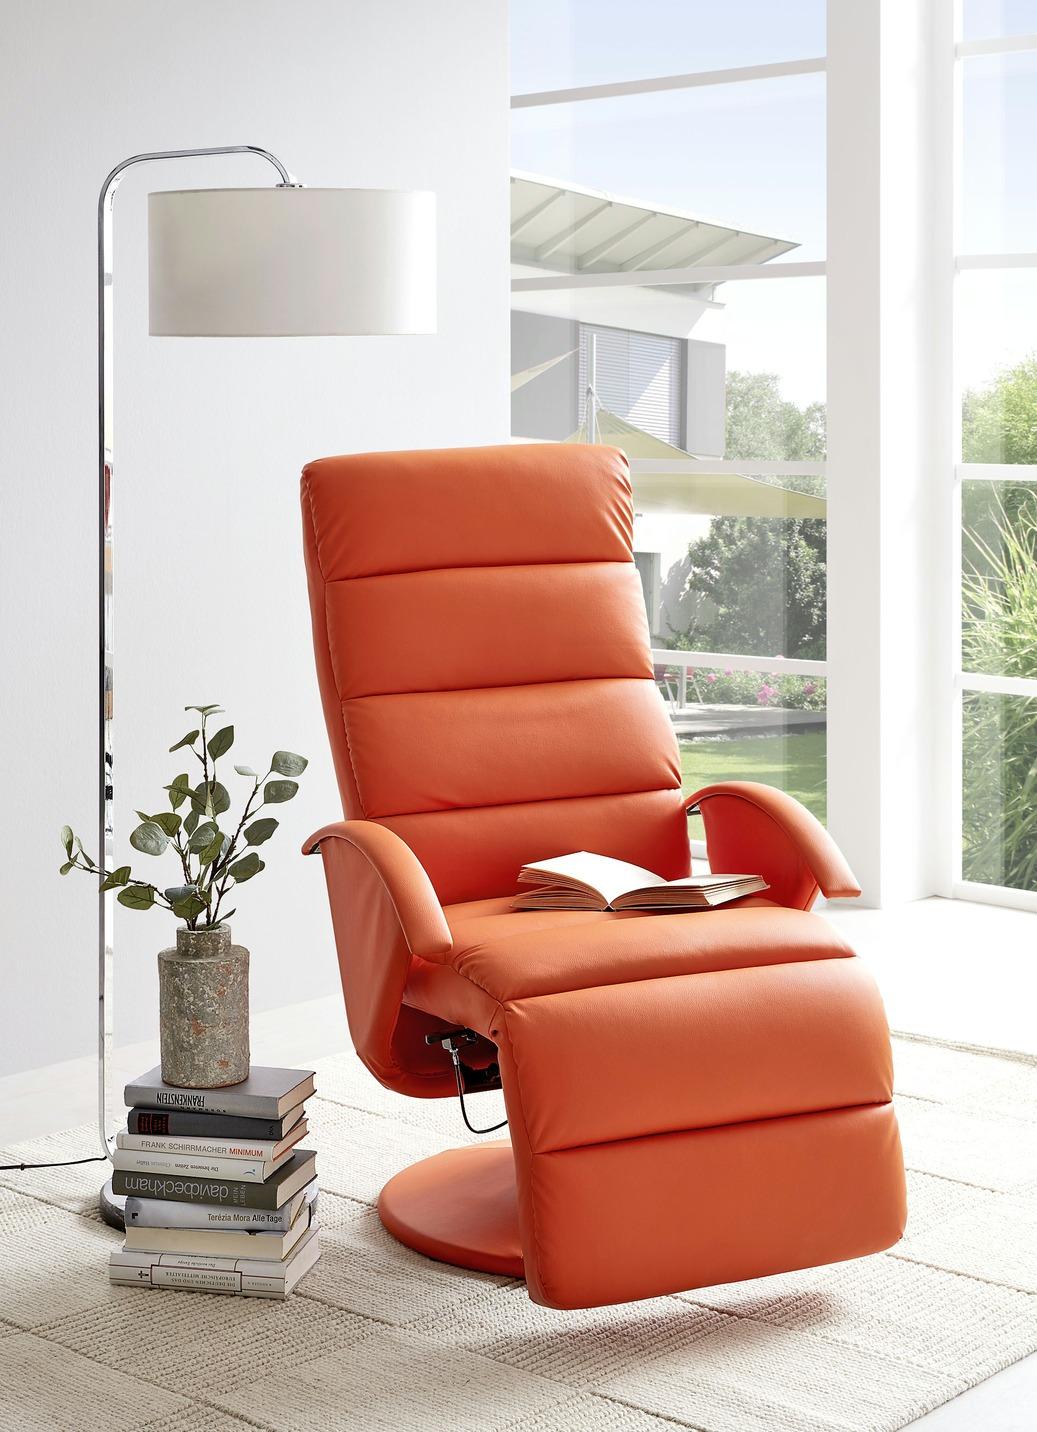 moderner relax stuhl verschiedene farben wohnzimmer brigitte salzburg. Black Bedroom Furniture Sets. Home Design Ideas